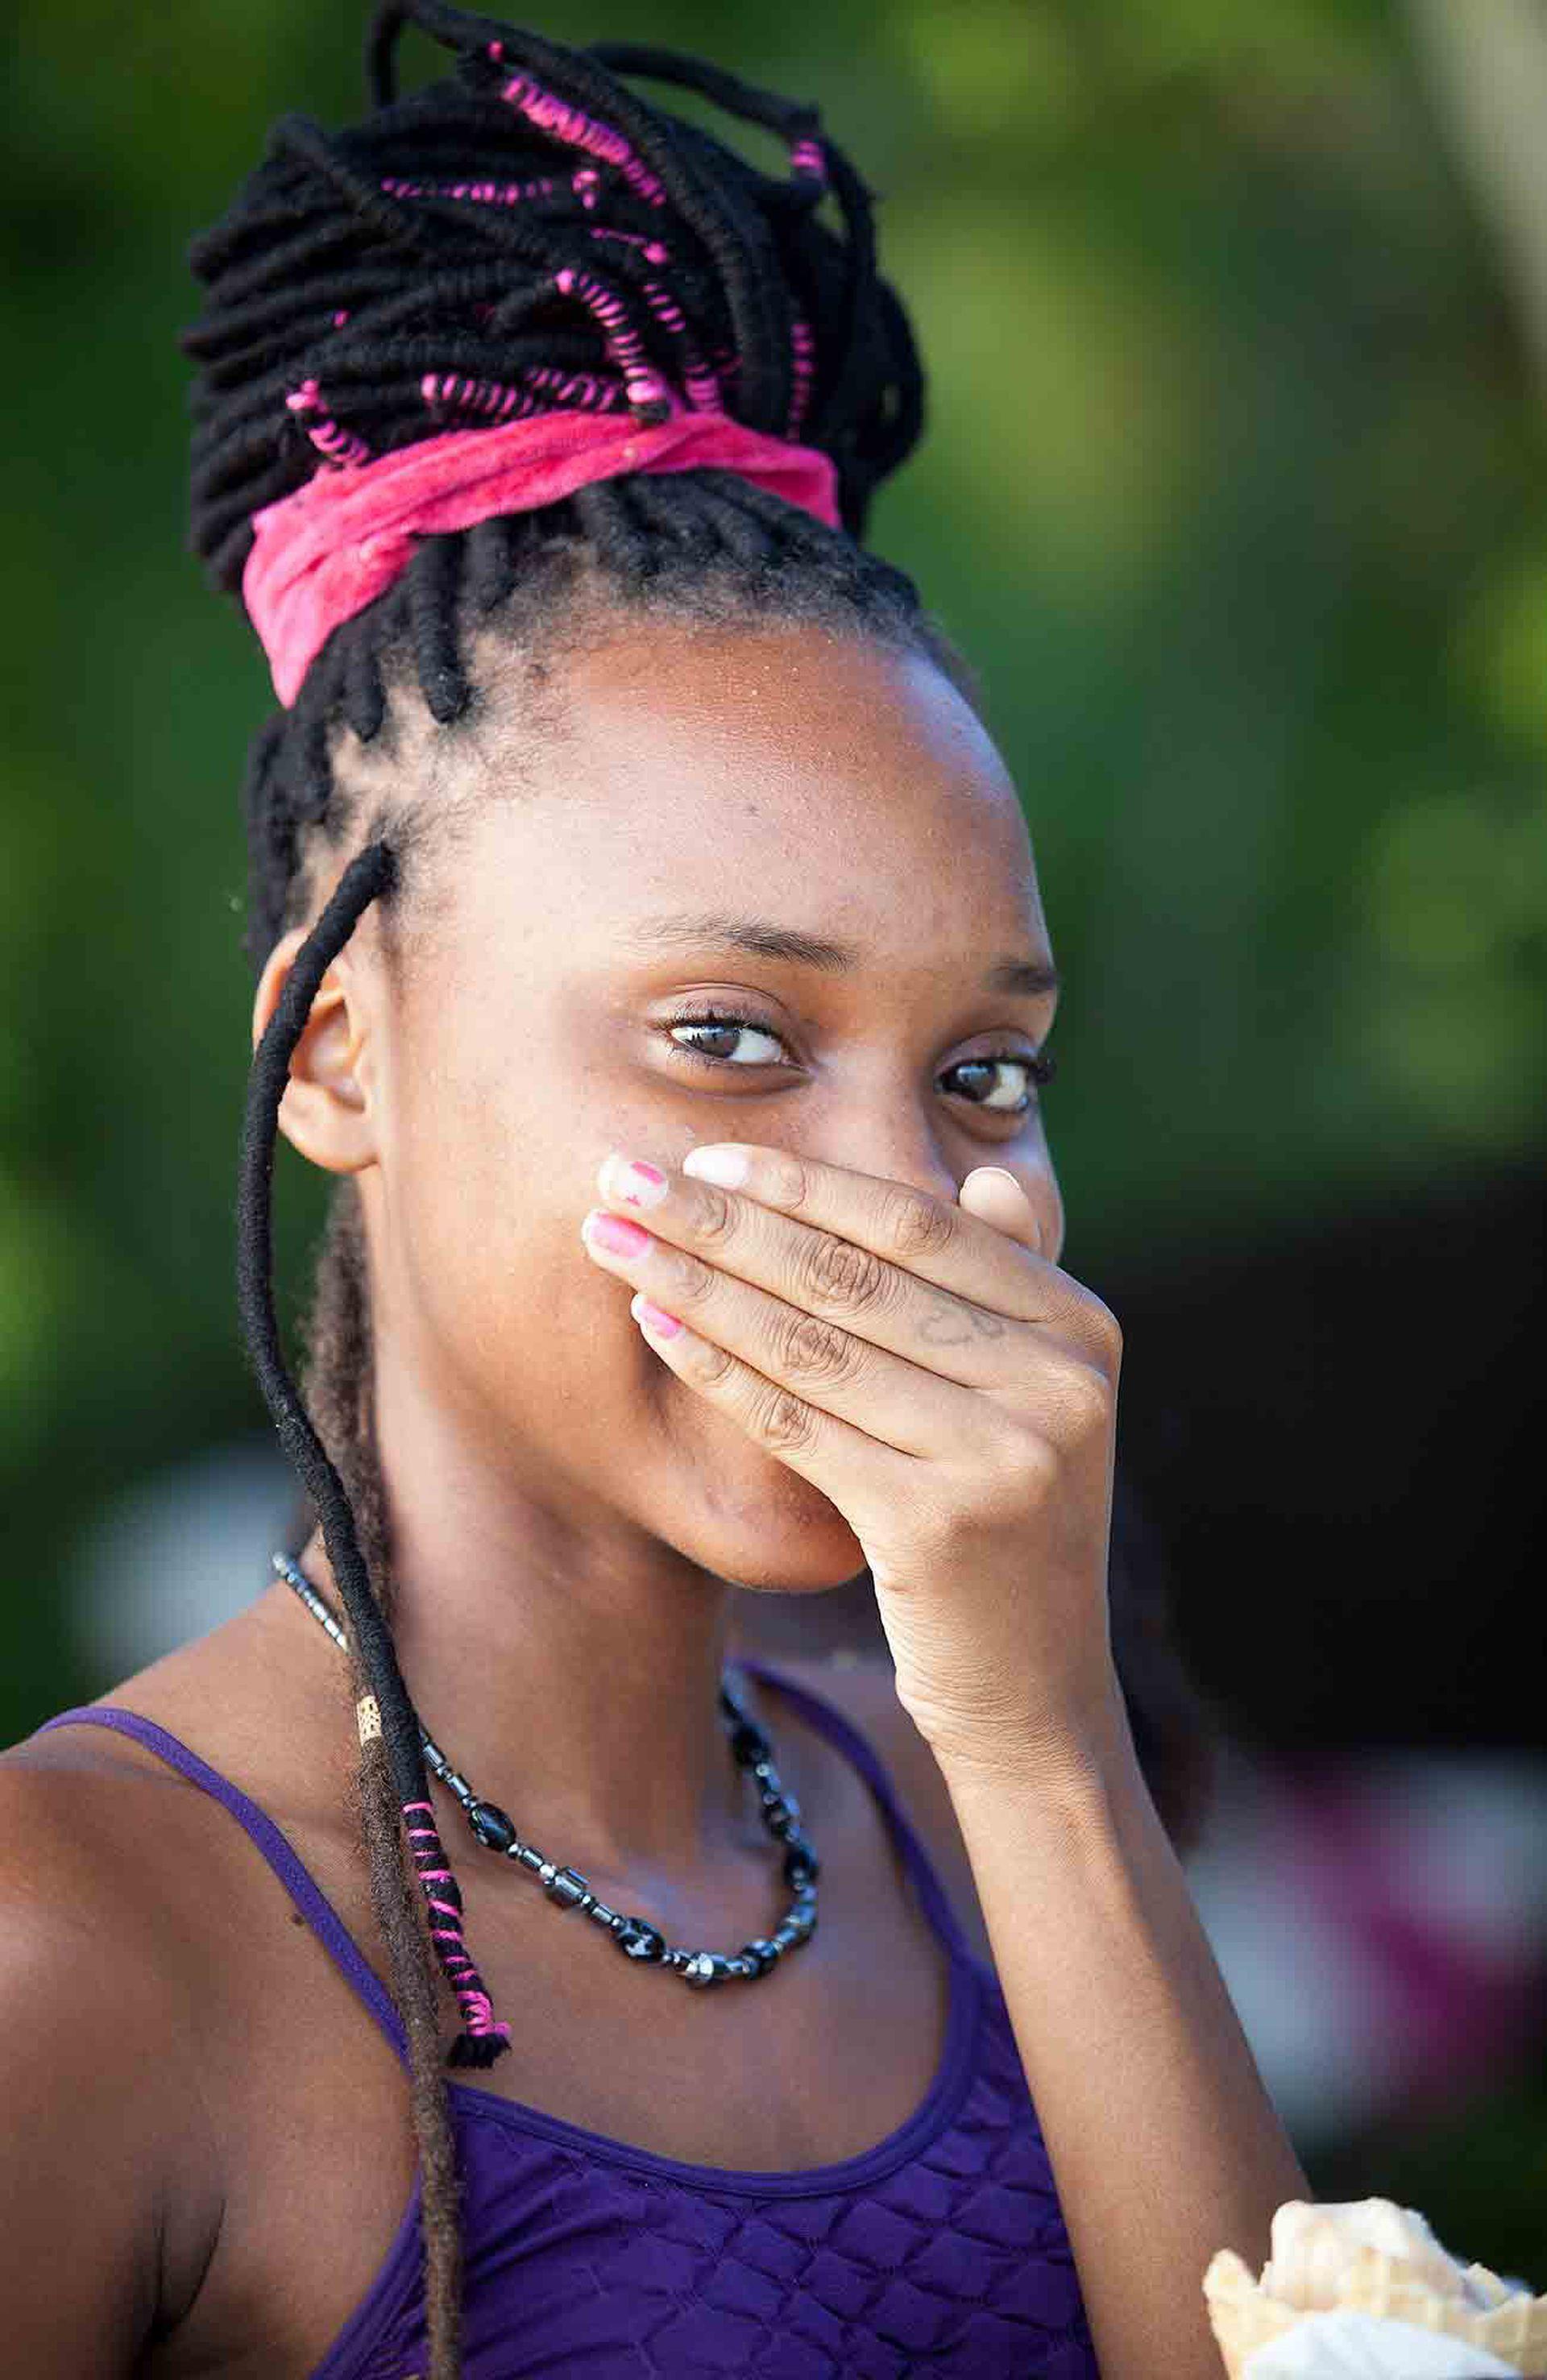 La tímida sonrisa de una joven local.